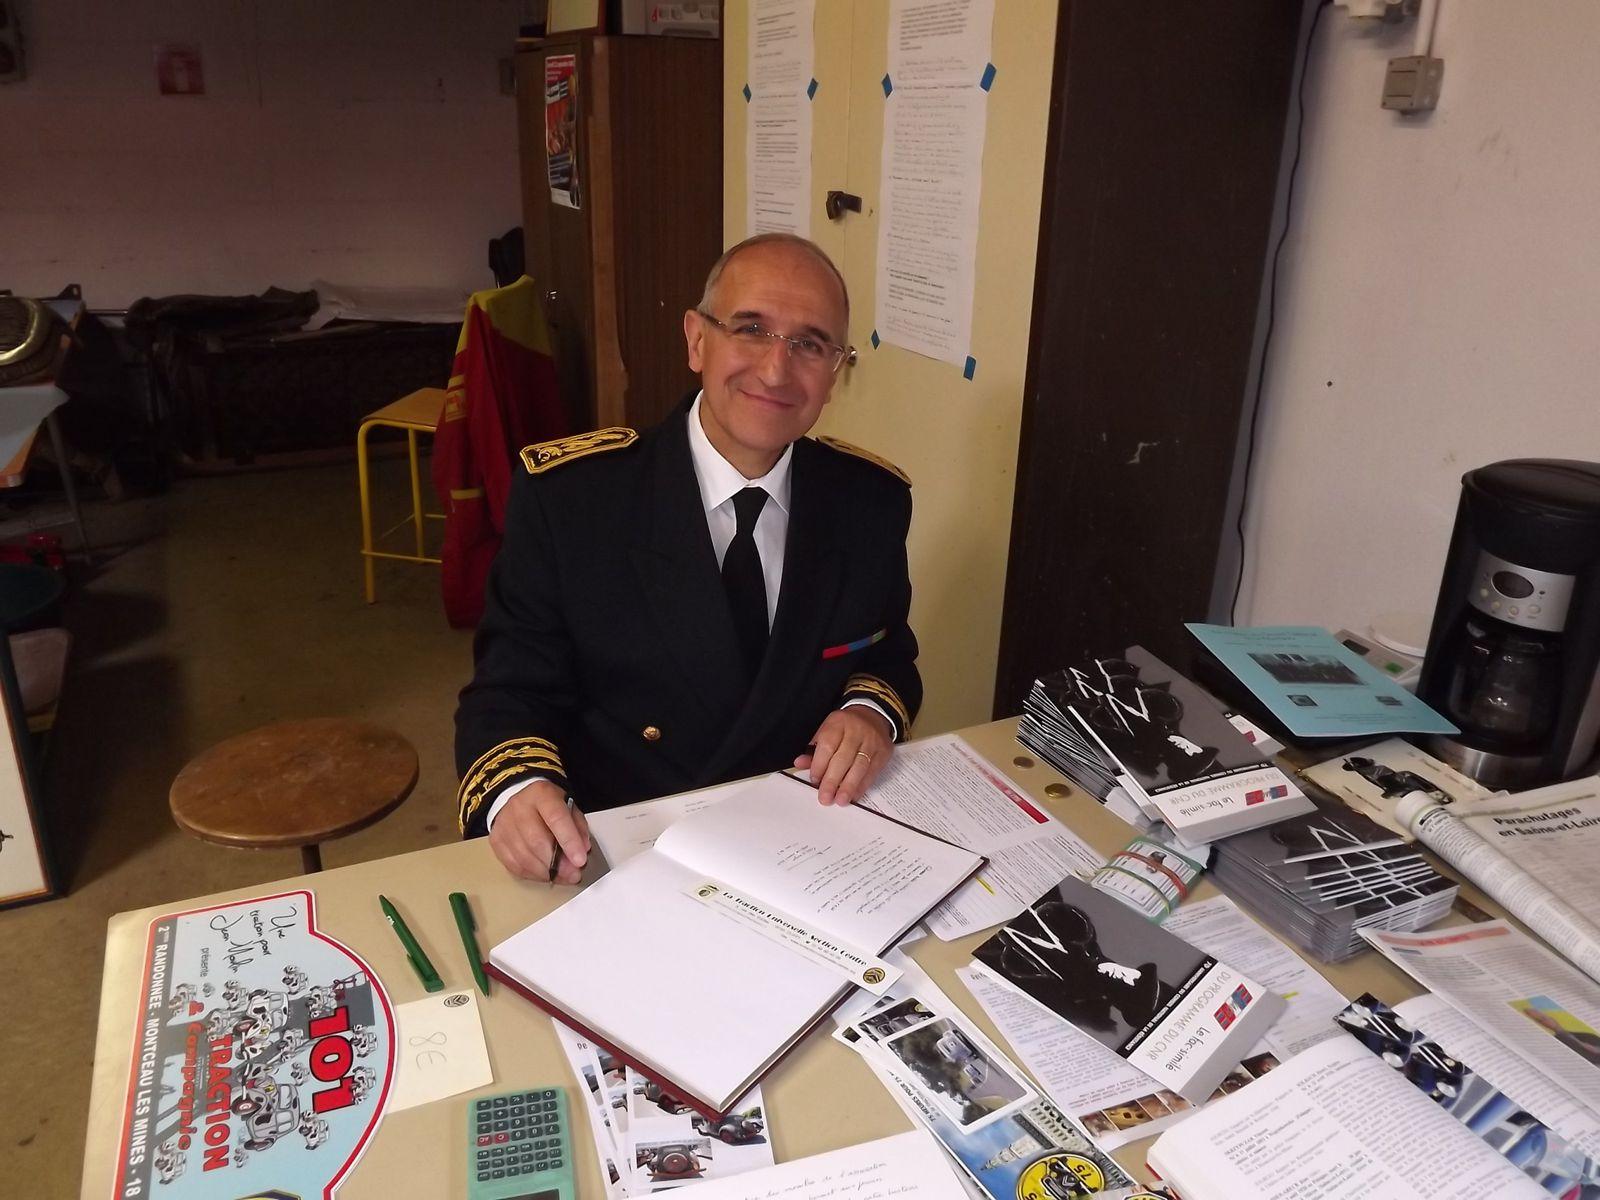 Notre préfet, Fabien Sudry, met quelques lignes sur le livre d'or. Pour nous , c'est un instant fort car Jean Moulin a été lui aussi préfet.